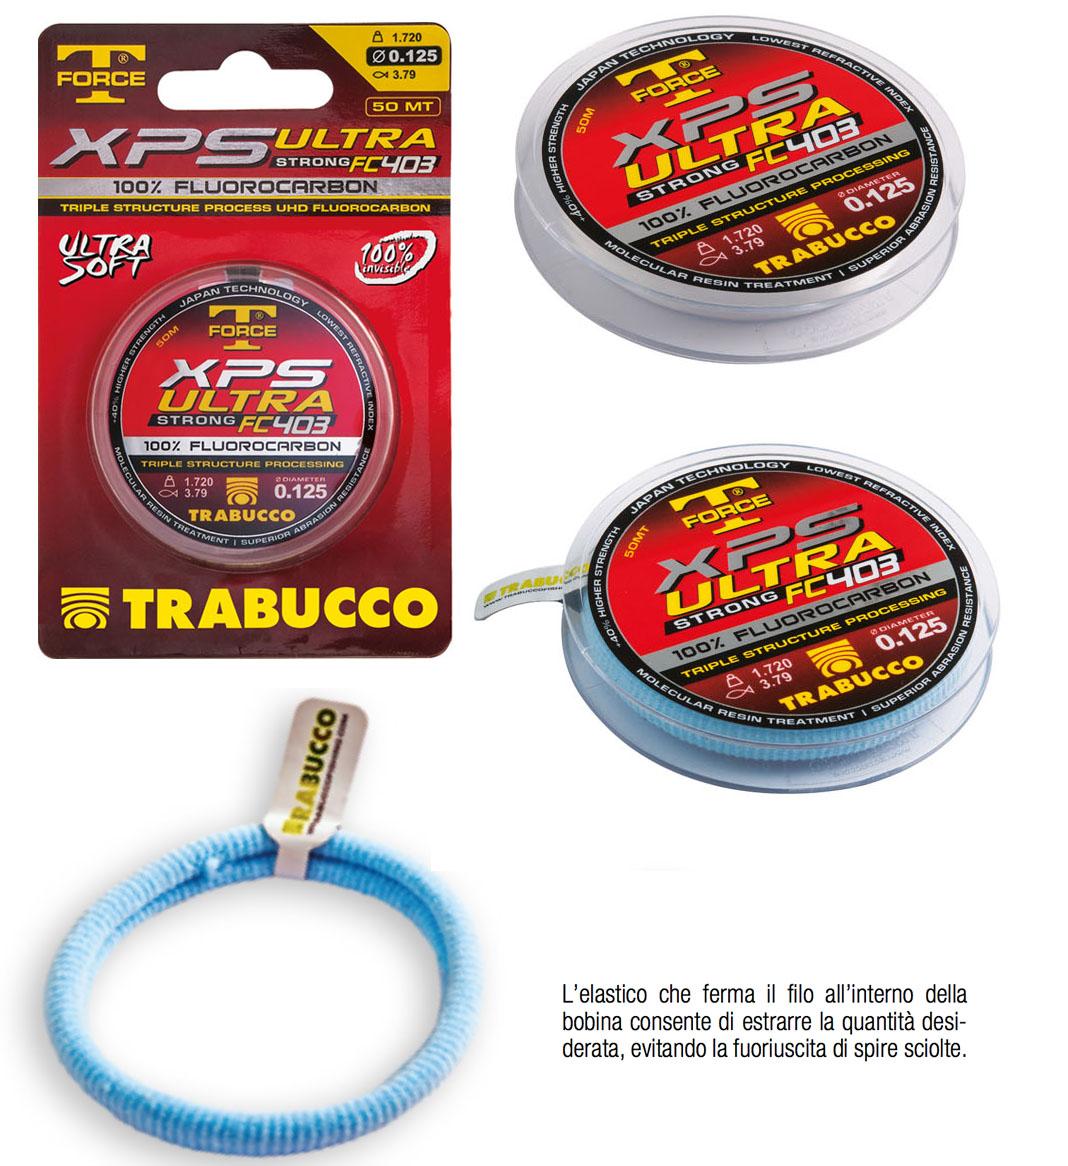 FILO XPS ULTRA FC 403 FLUOROCARBON mm 0,20  PER TERMINALI MT 50 TRABUCCO